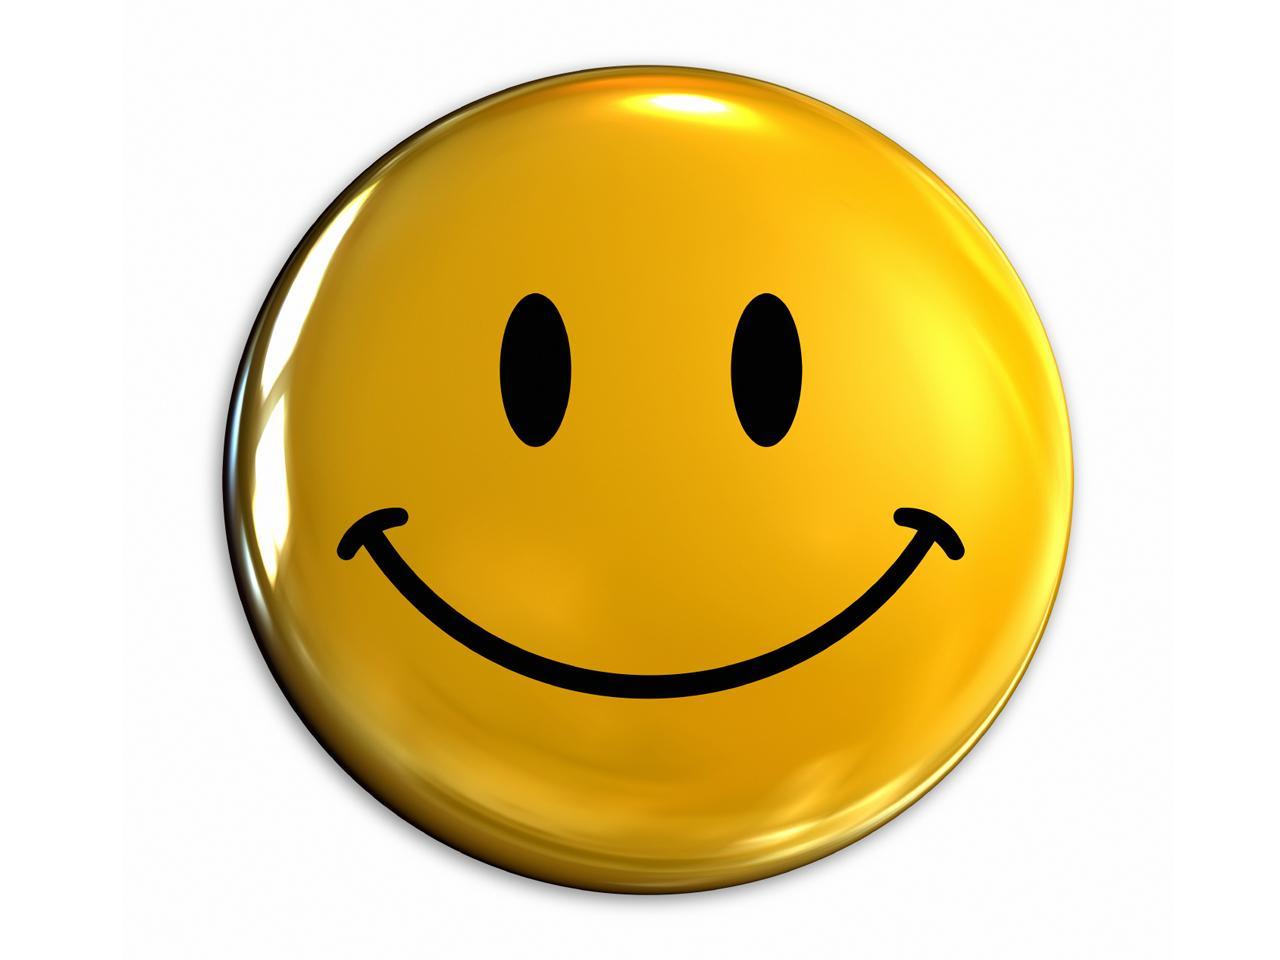 Śmiech to zdrowie i najlepsza forma rehabilitacji